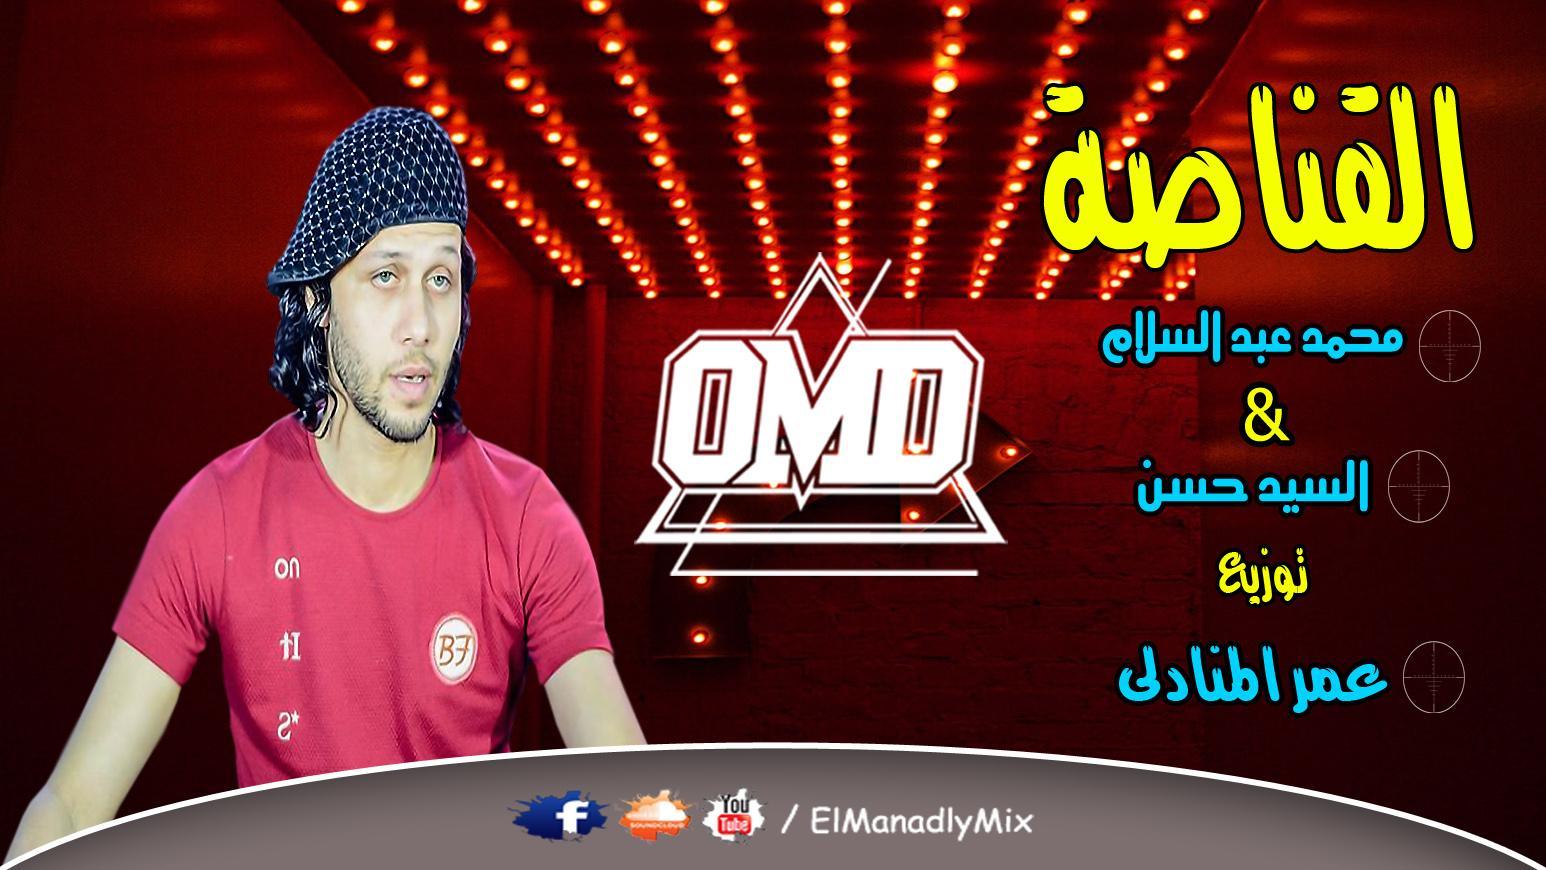 حصريا مزيكا القناصة محمد عبد السلام توزيع درامز عمر المنادلى